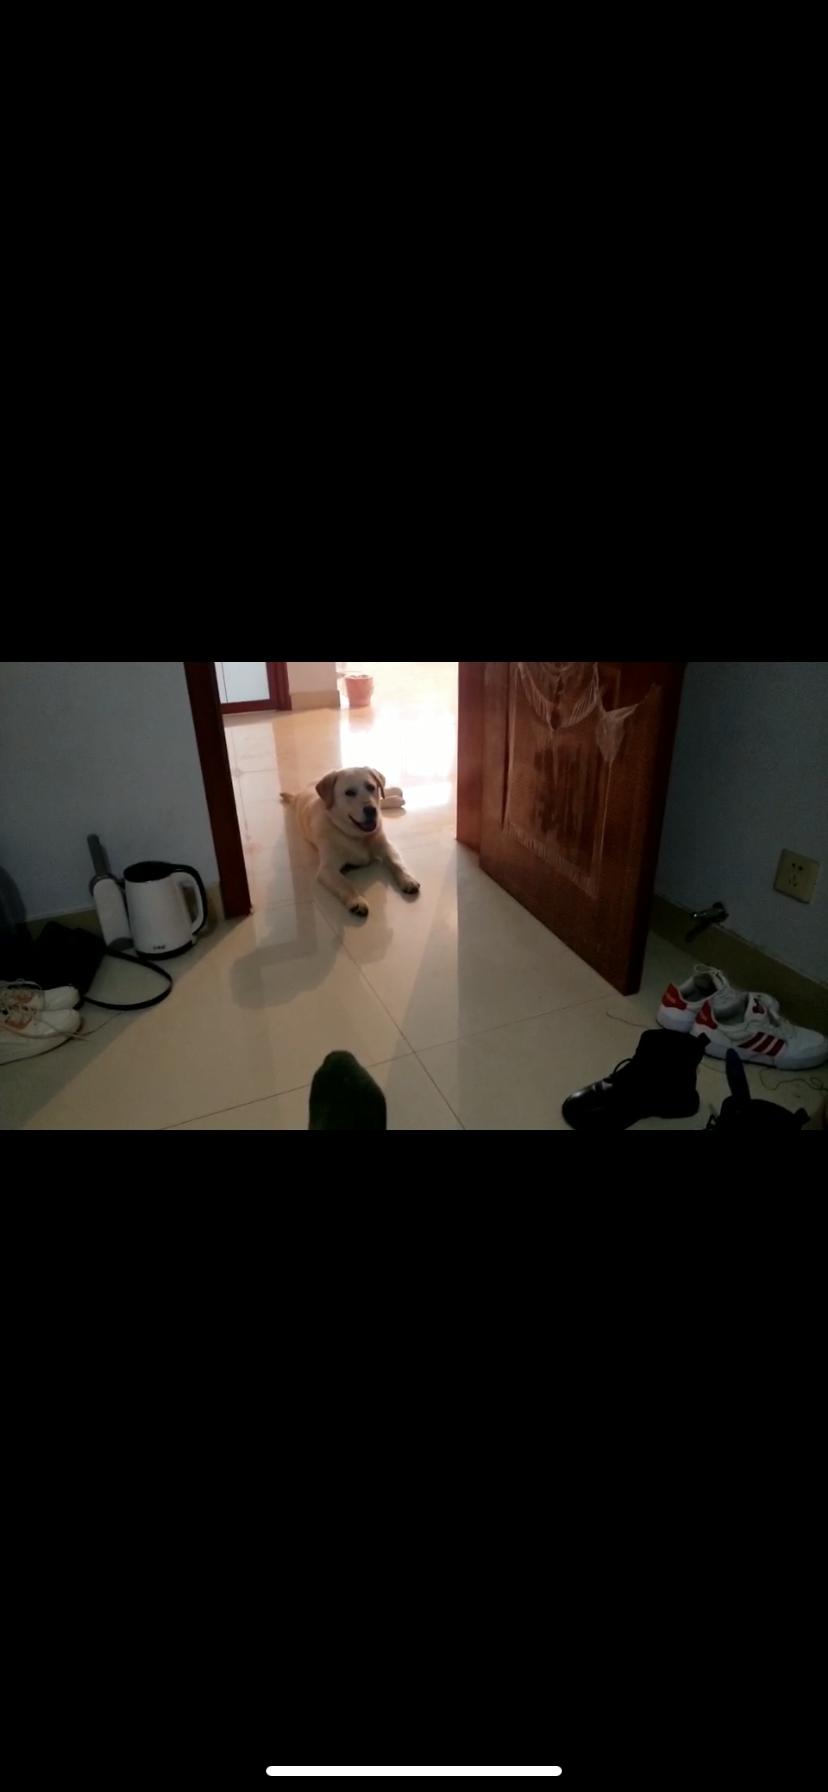 拉布拉多公狗狗